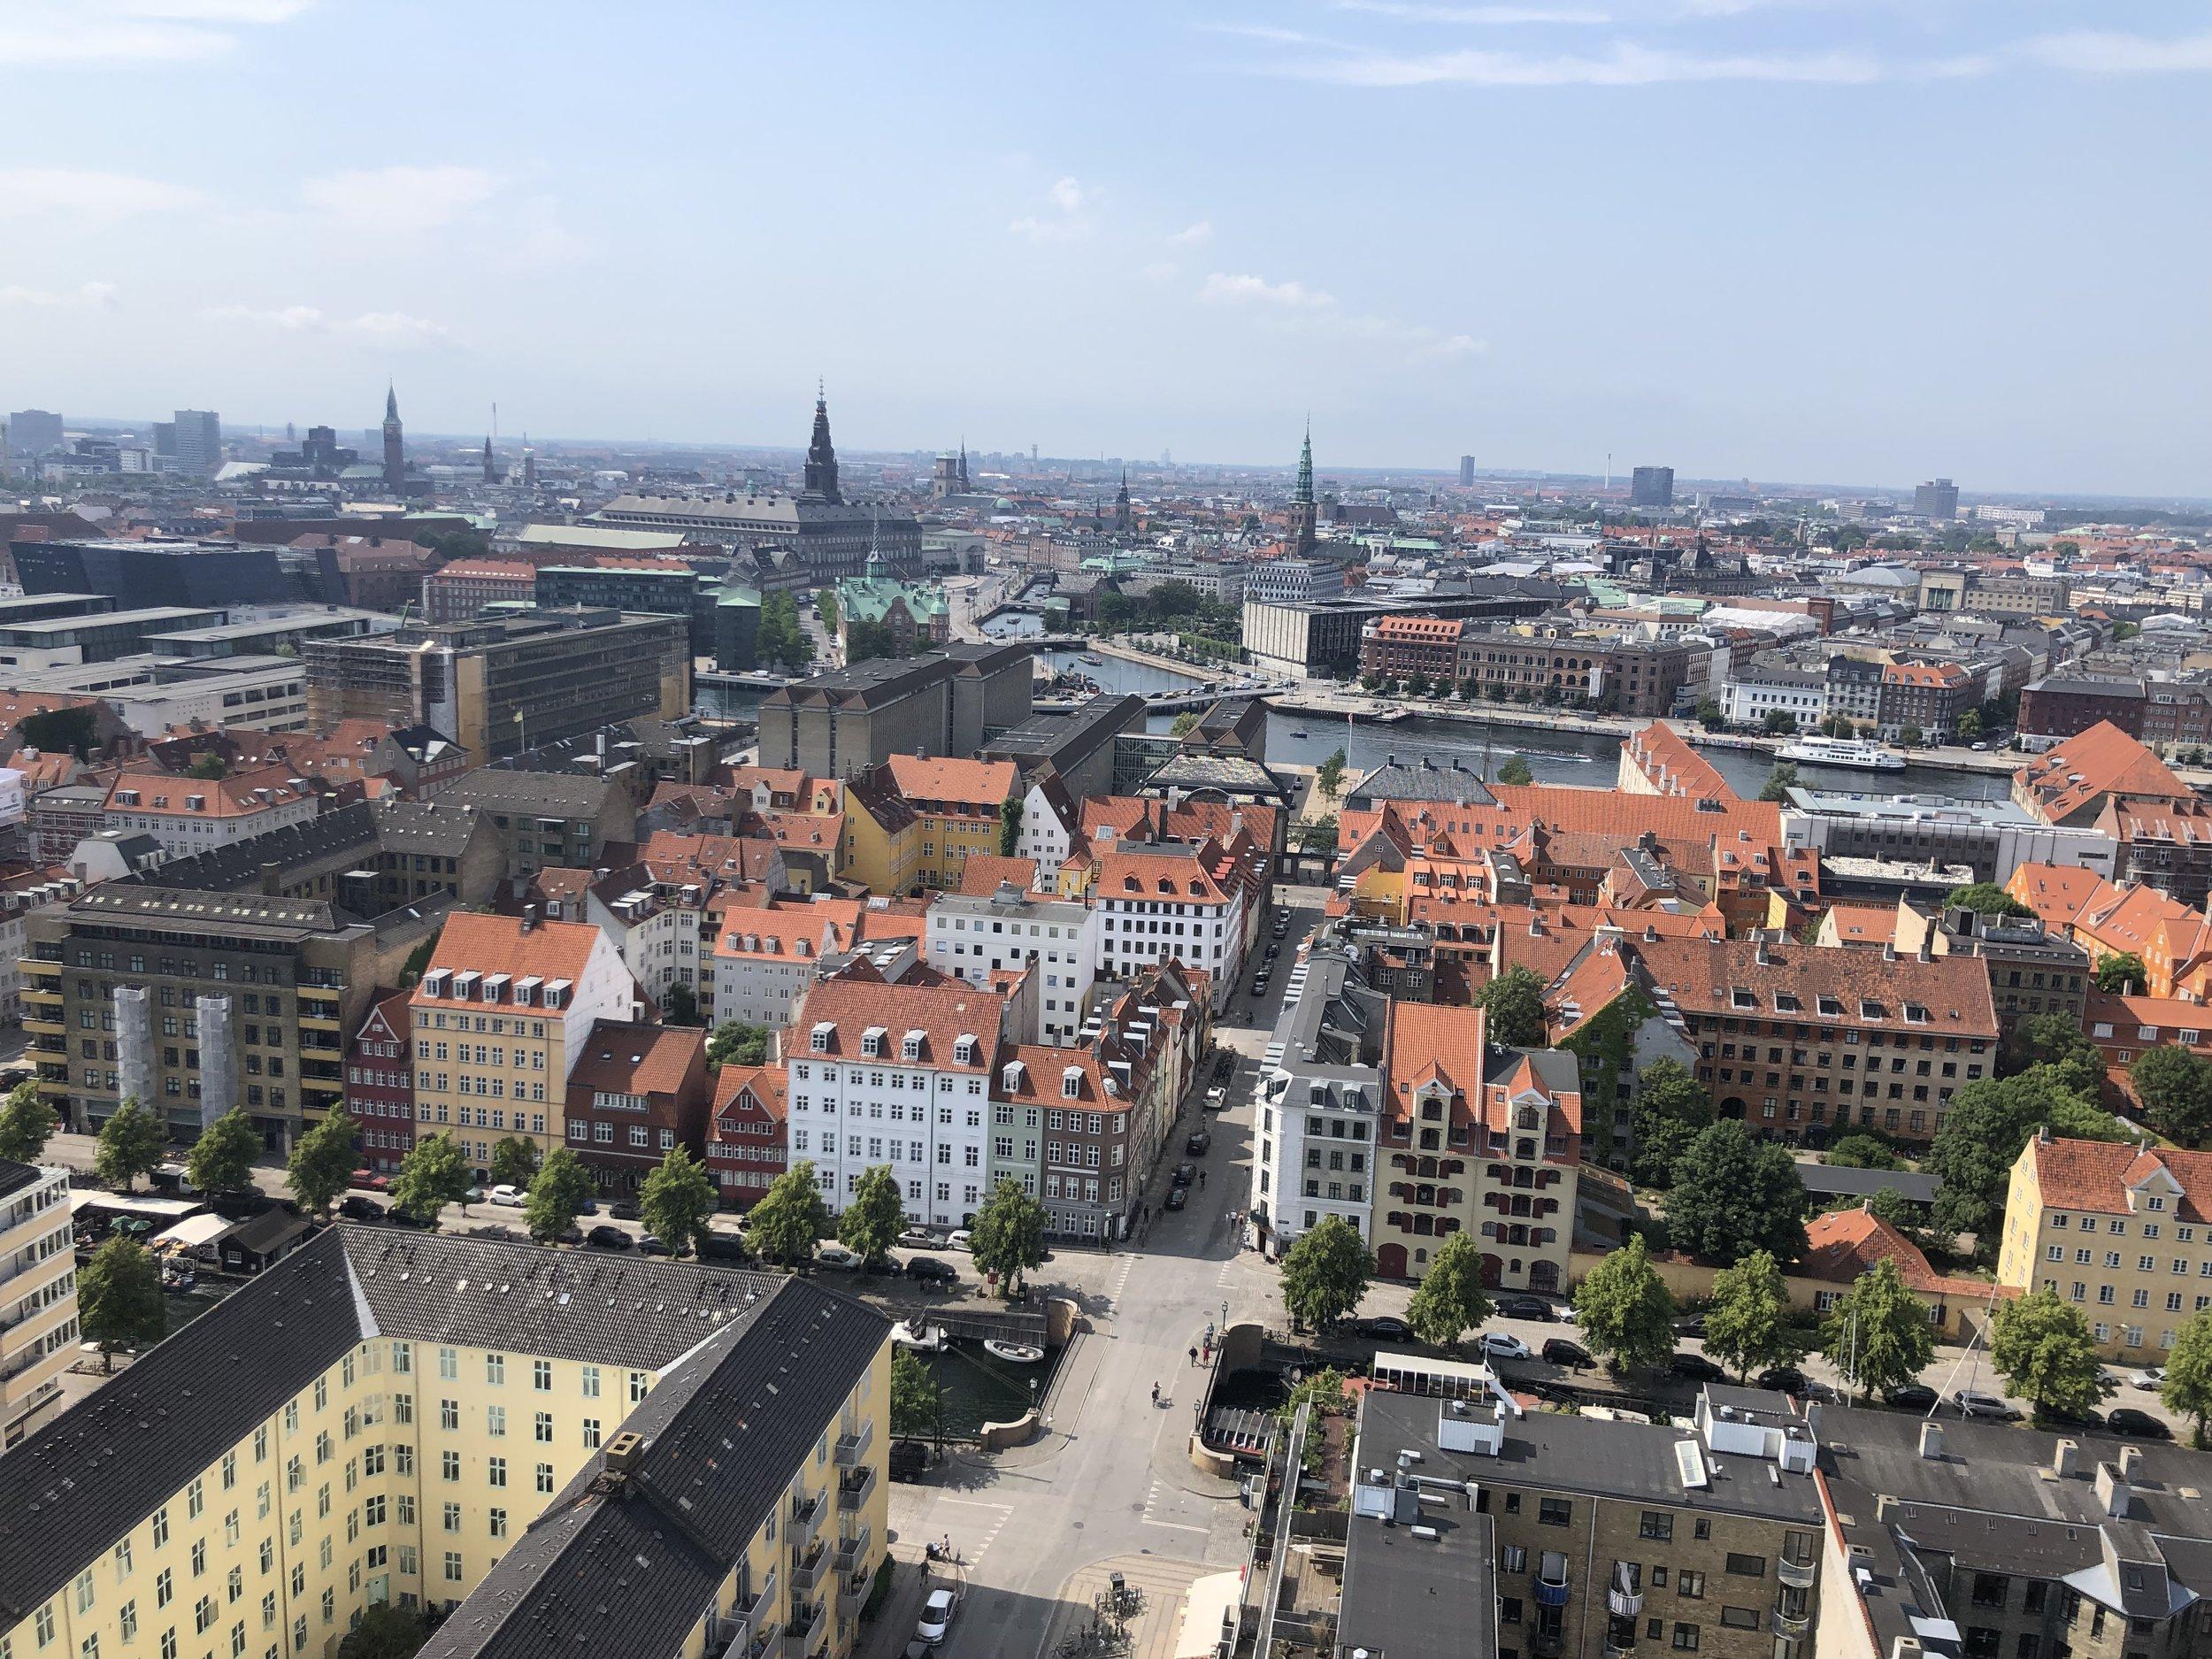 View of Copenhagen from the top.